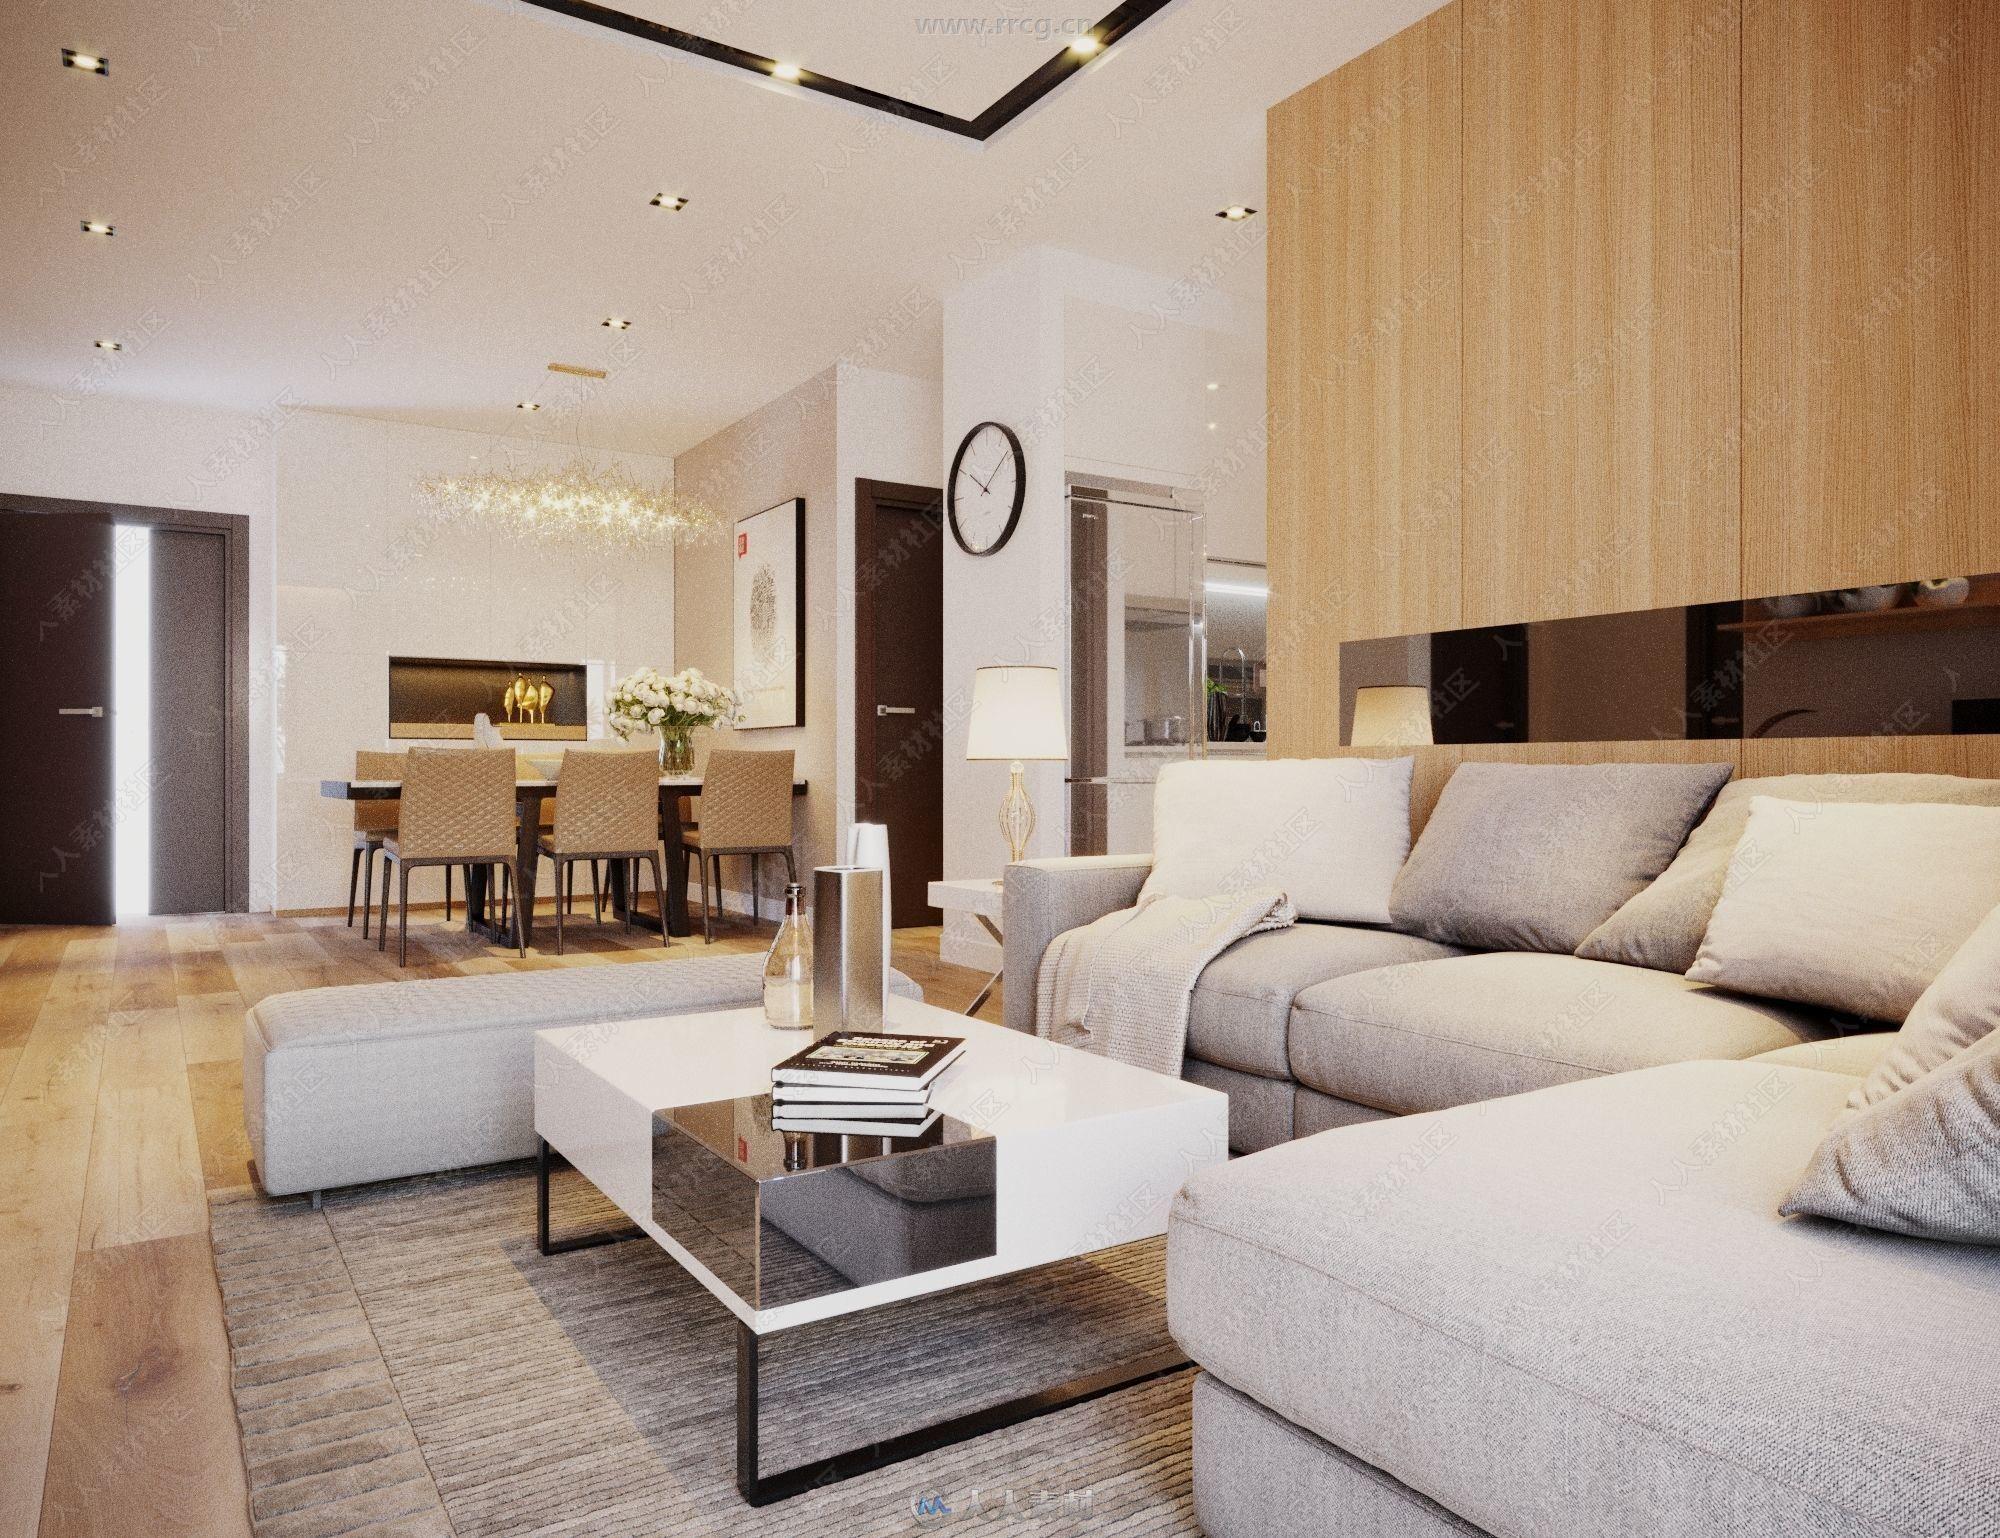 超高品质家居室内设计3D模型合集